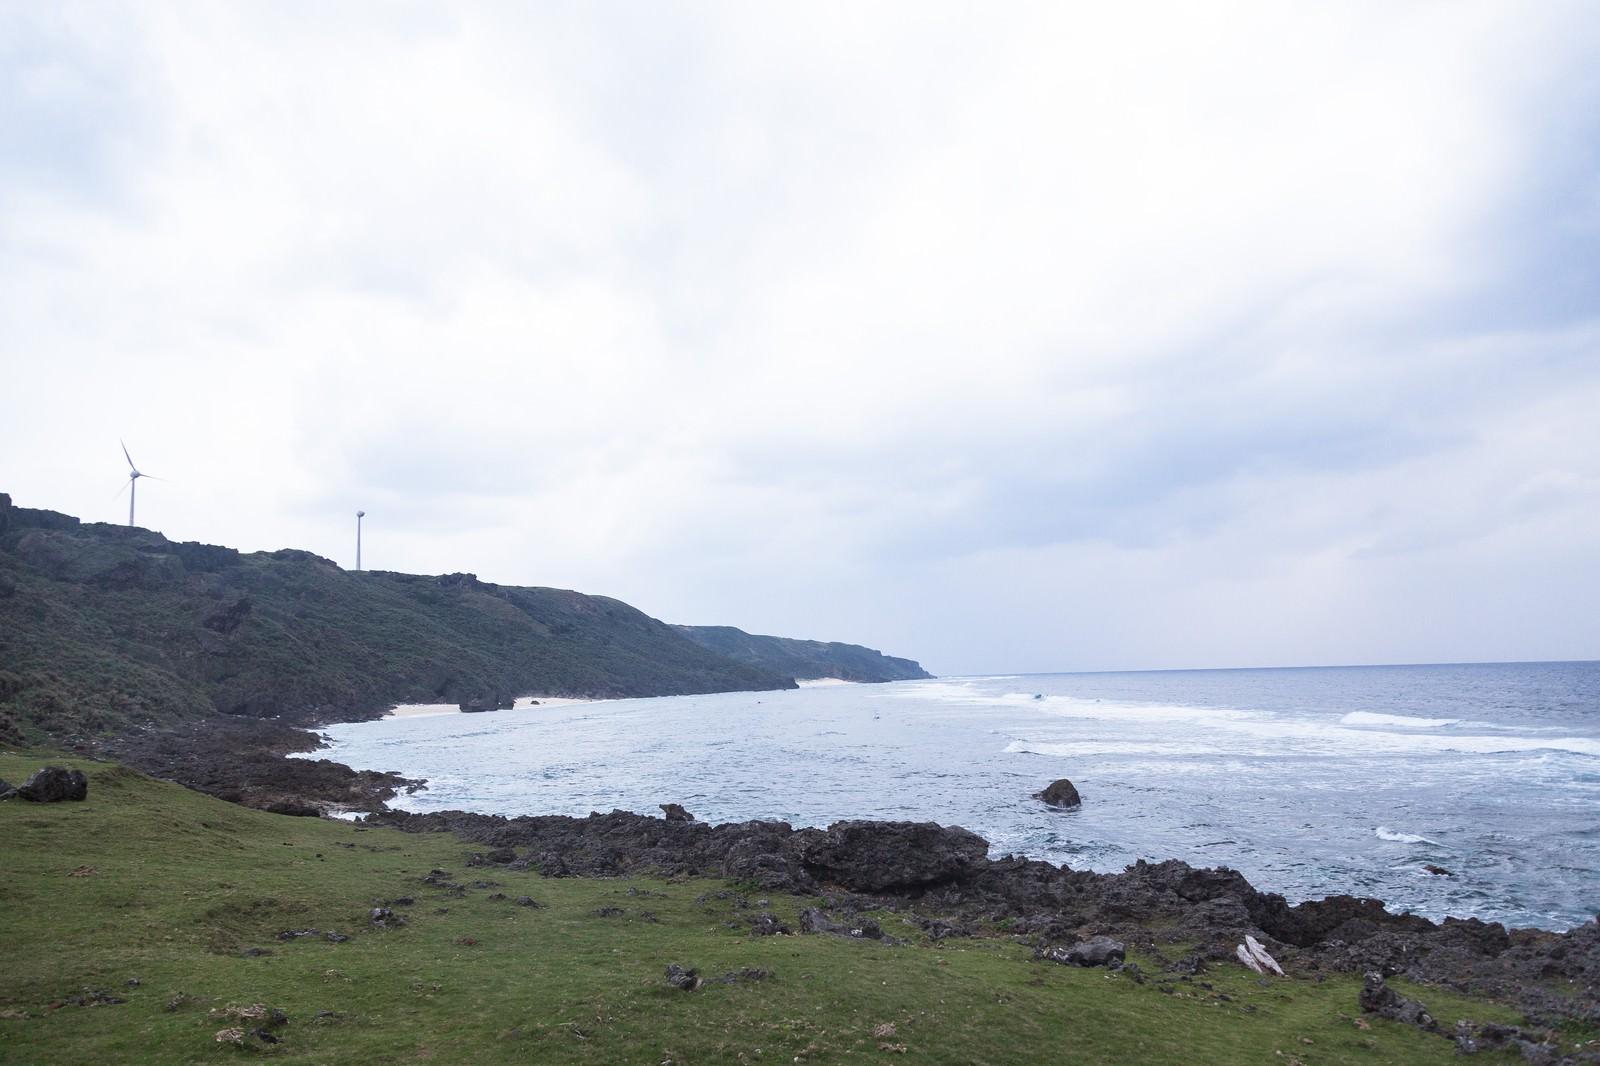 「与那国島の風力発電と岸」の写真